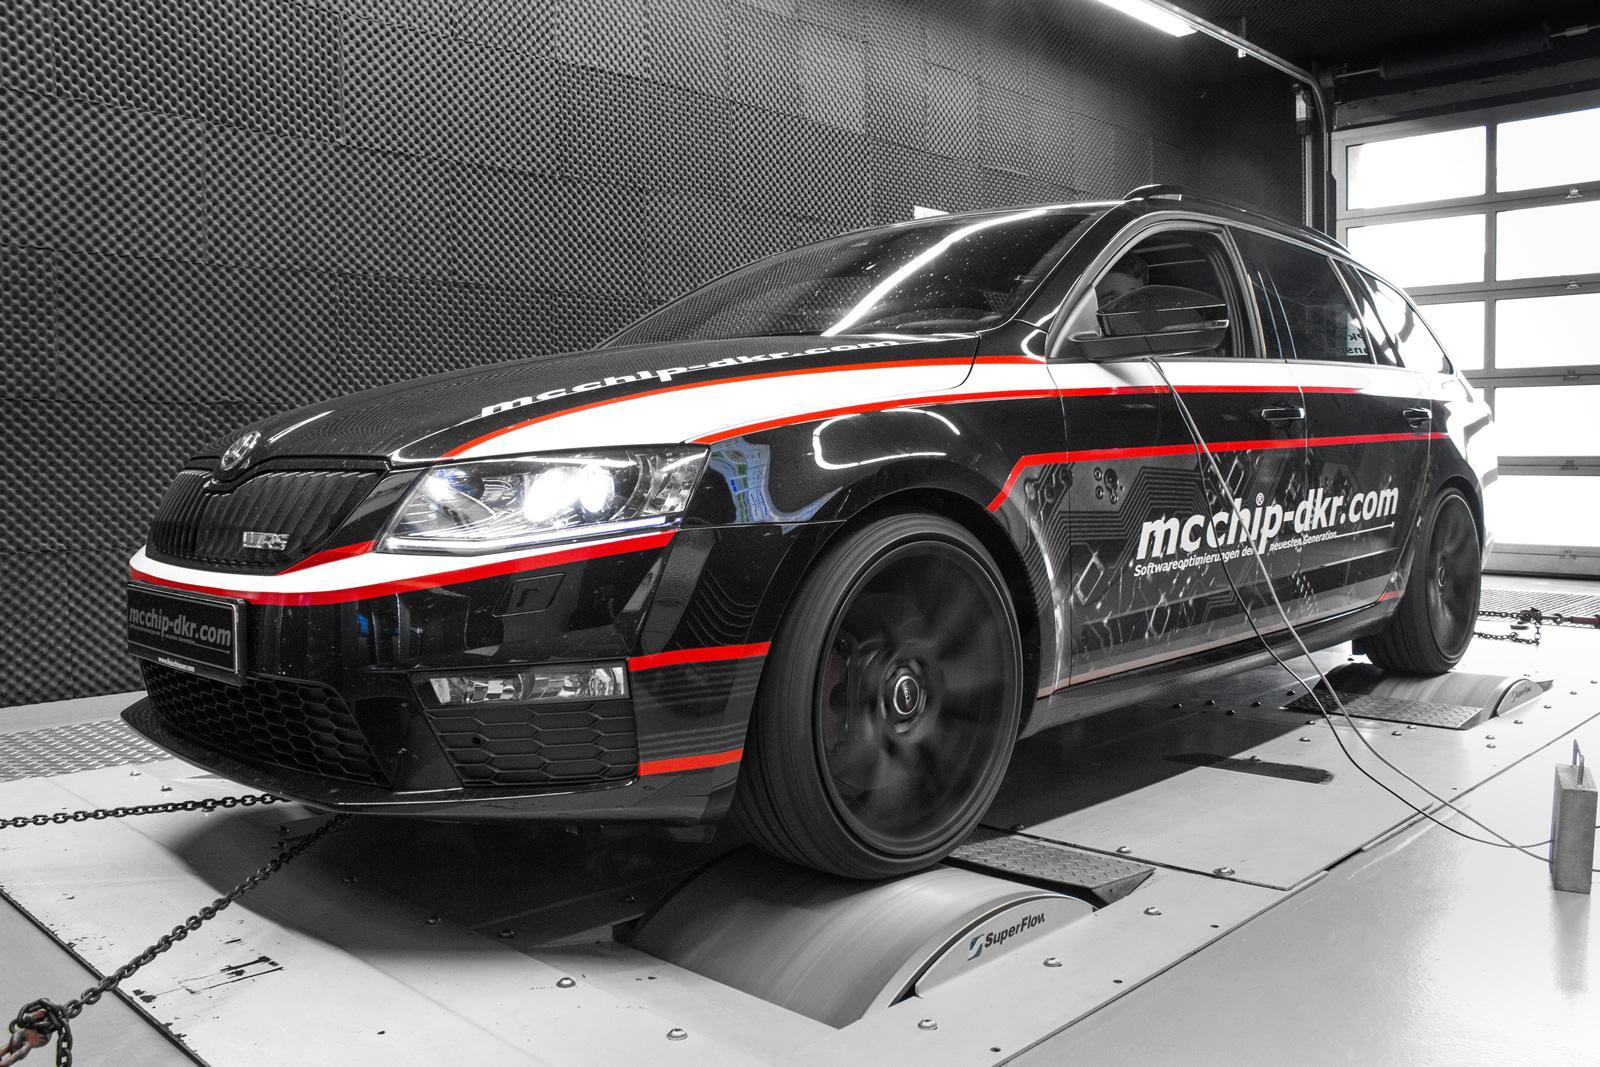 skoda octavia combi vrs diesel gets 215 hp from mcchip dkr autoevolution. Black Bedroom Furniture Sets. Home Design Ideas